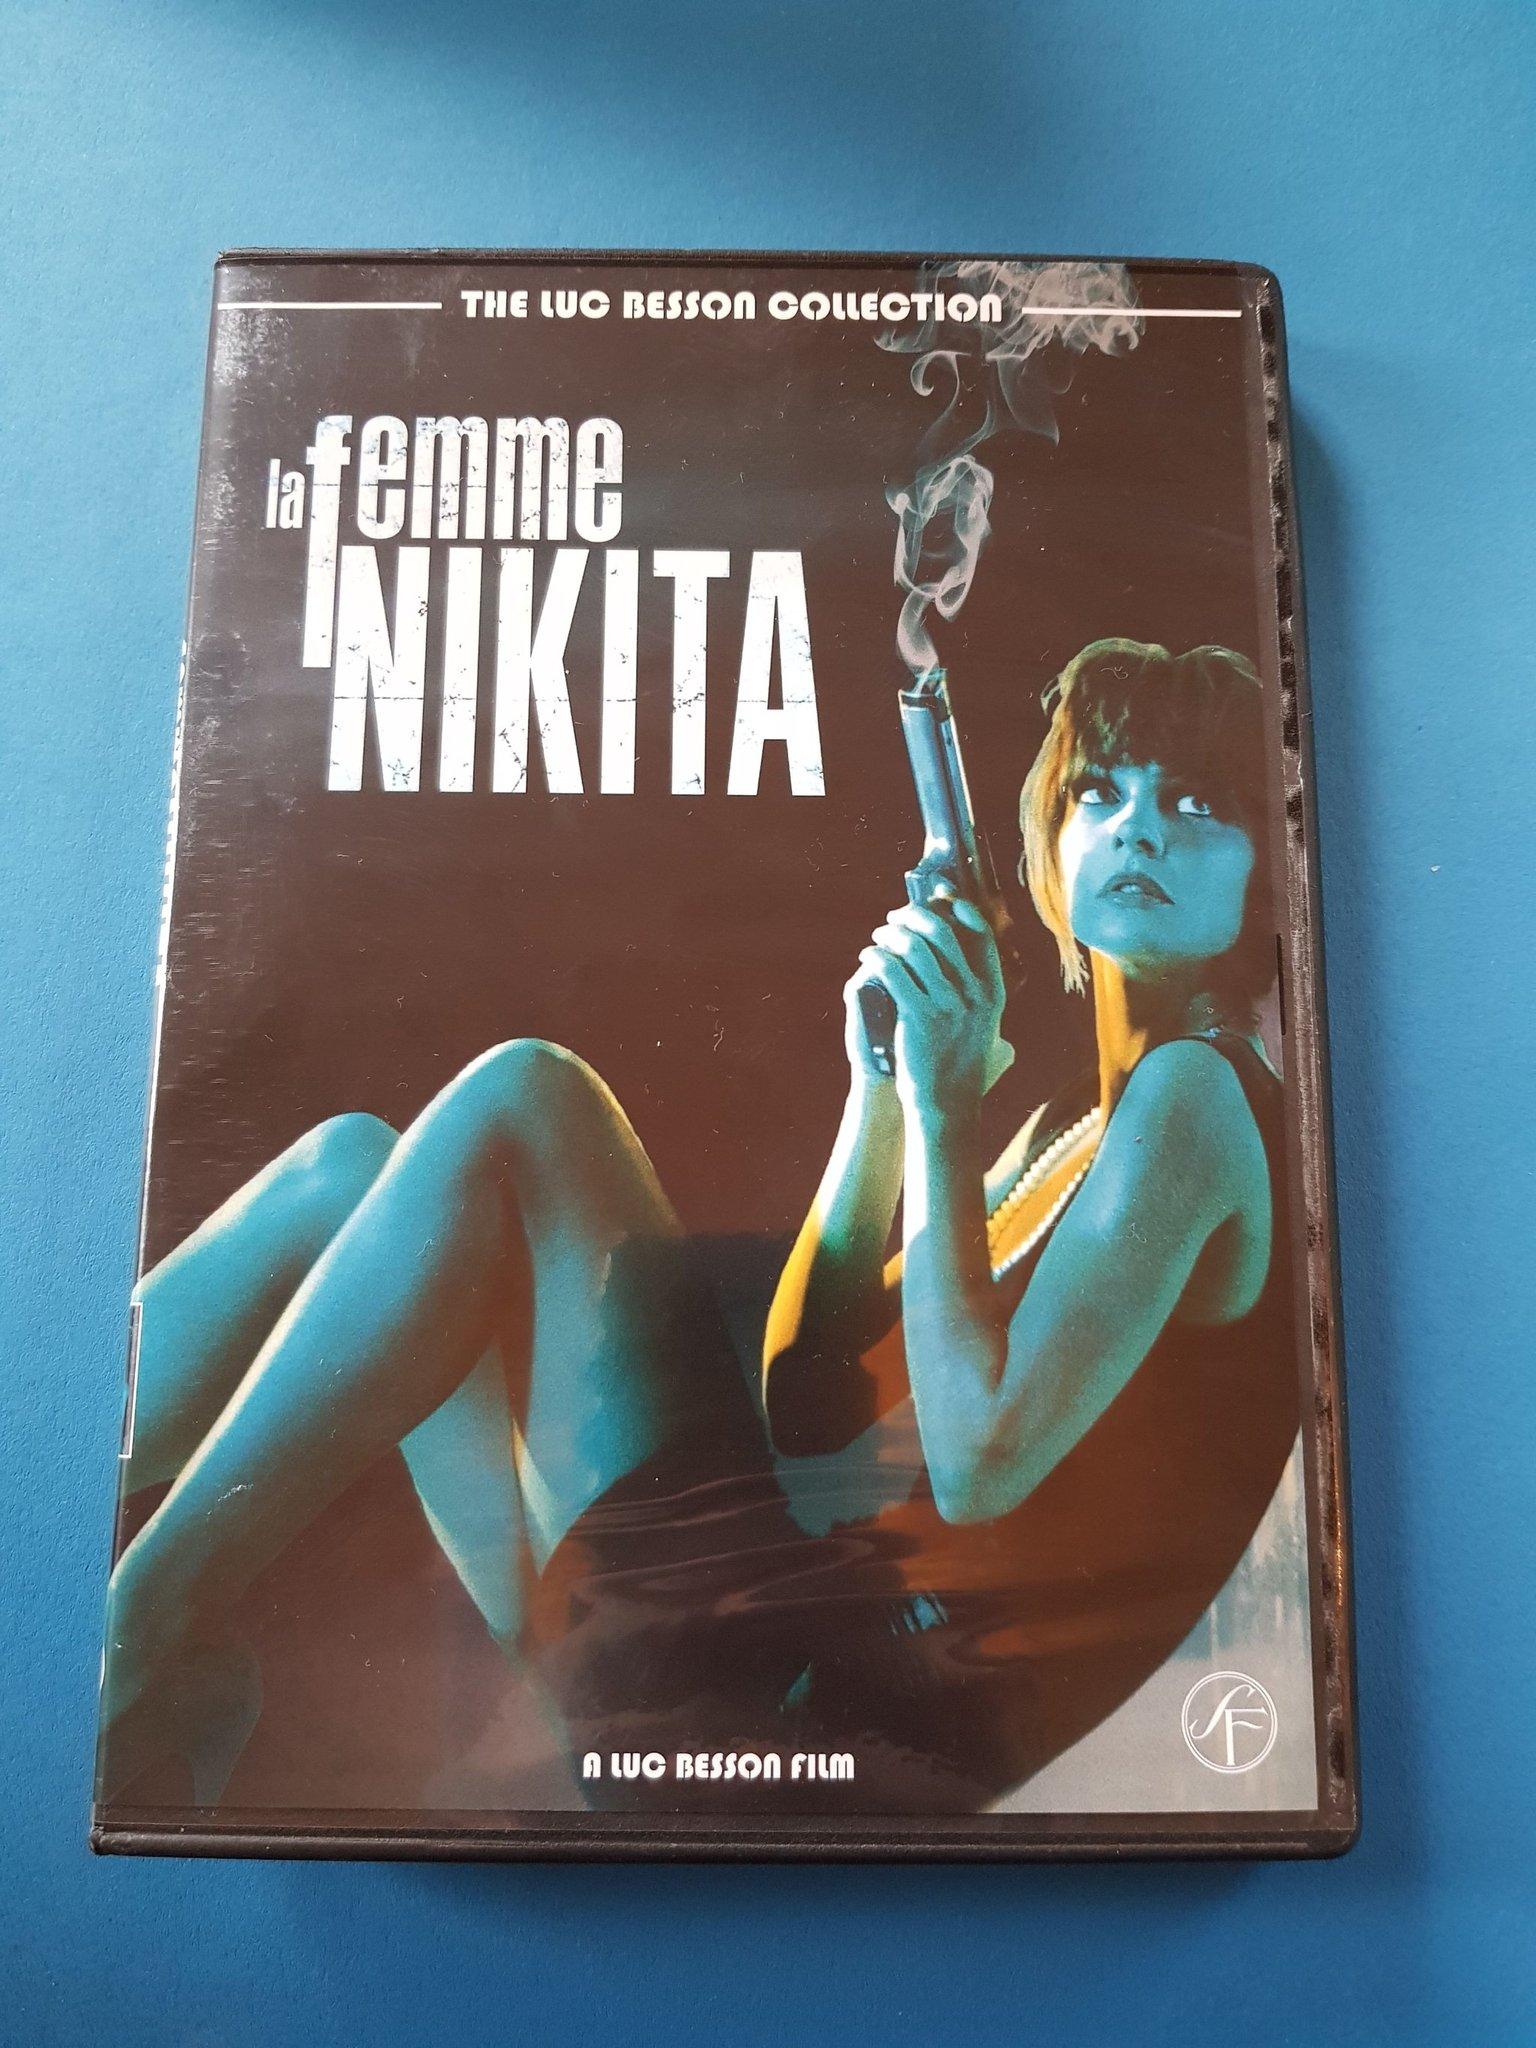 Dvd - la femme Nikita - Luc Besson (354454456) ᐈ Köp på Tradera